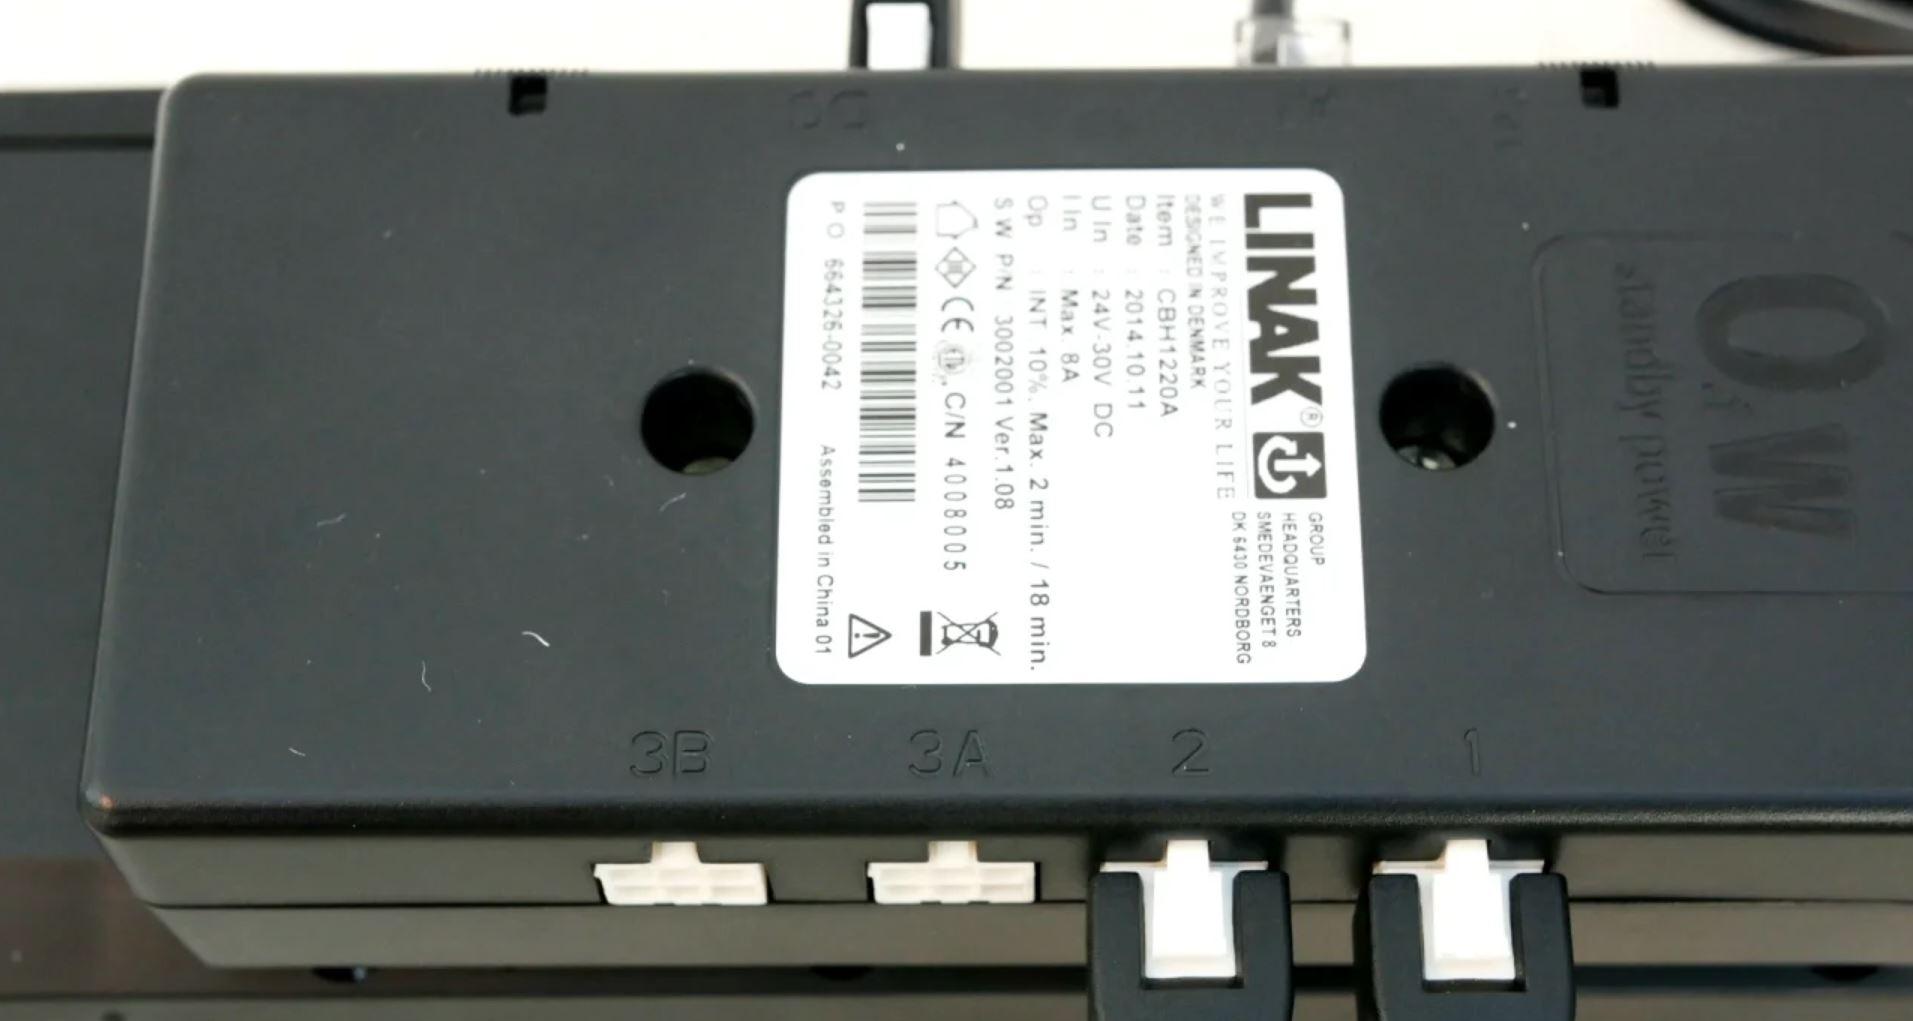 Система регулировки, включающая привод TD4 и блок управления CBH